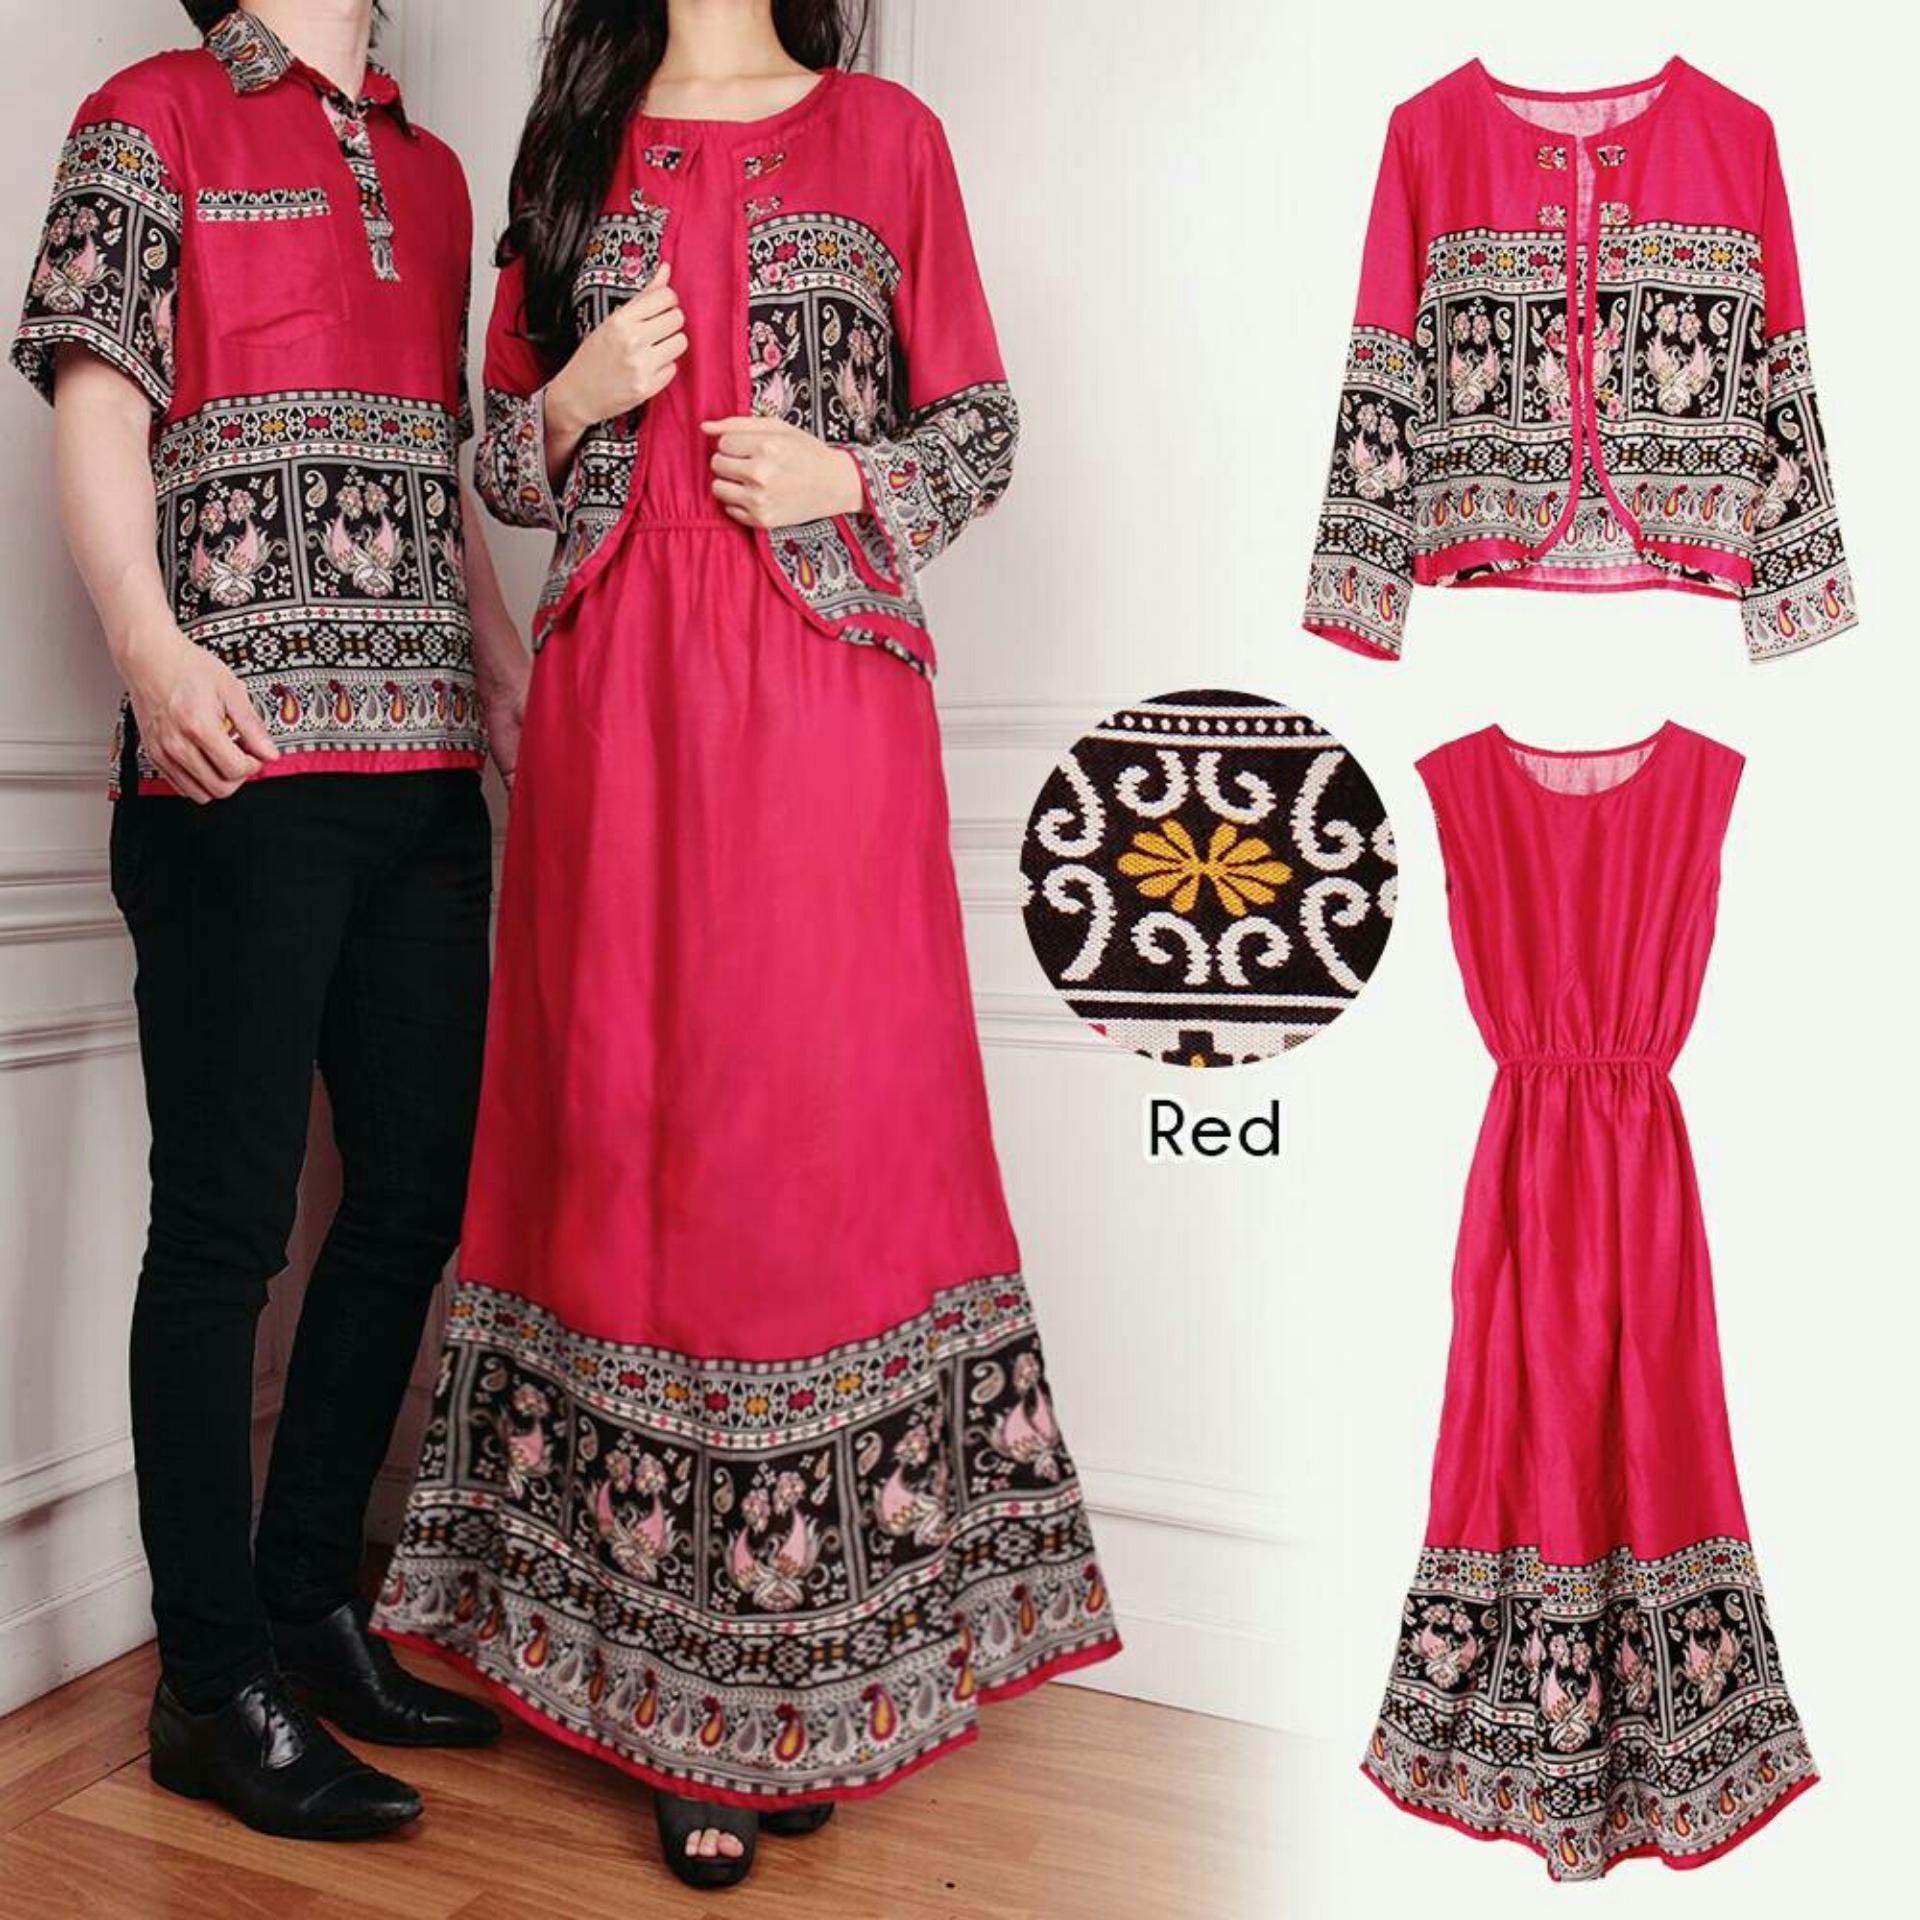 Flash Sale Flavia Store Batik Couple FS0598 - MERAH / Baju Muslim Pasangan / Sepasang Busana